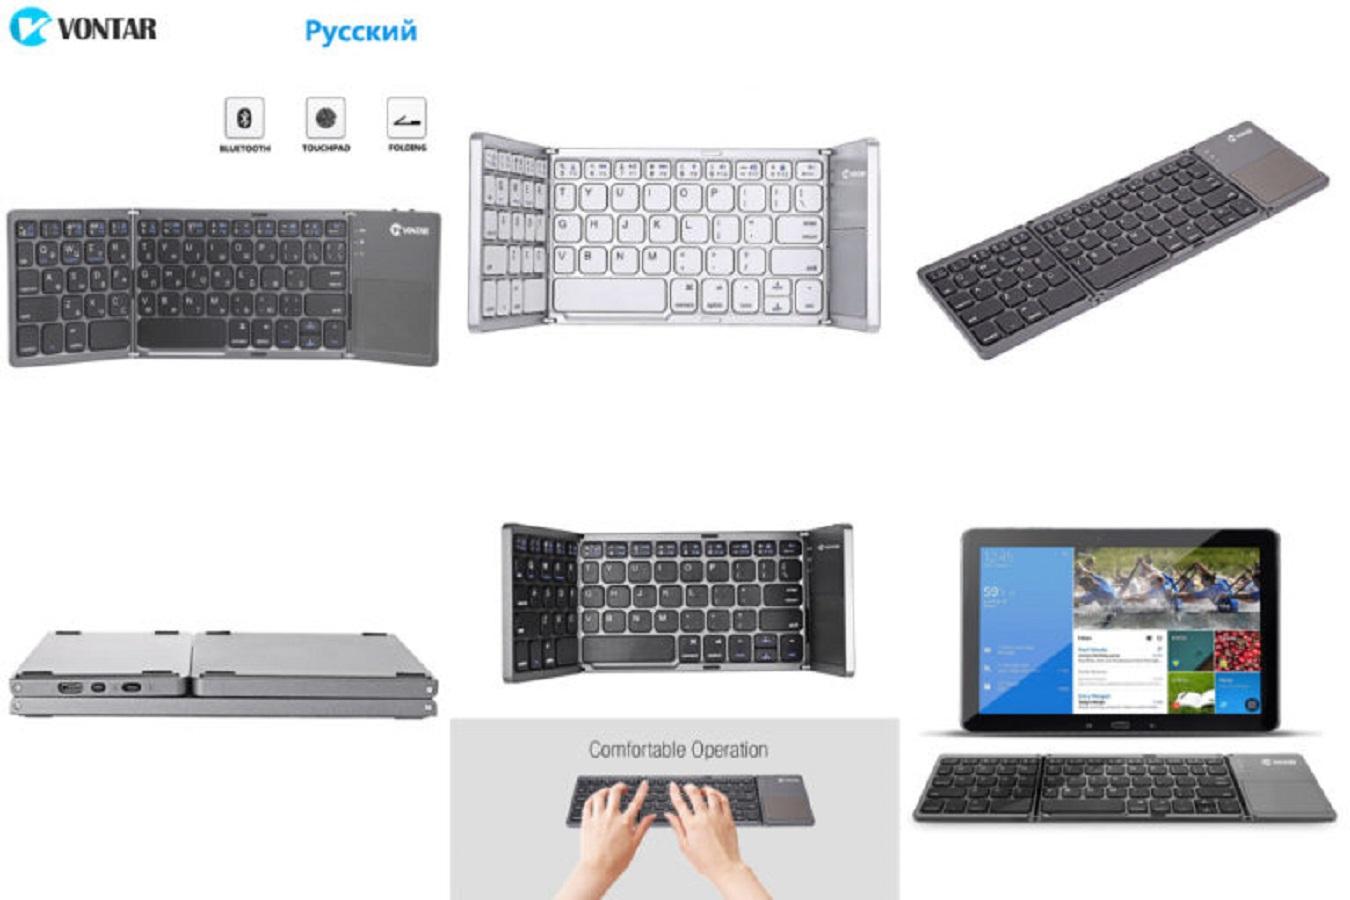 Складная клавиатура высокого качества